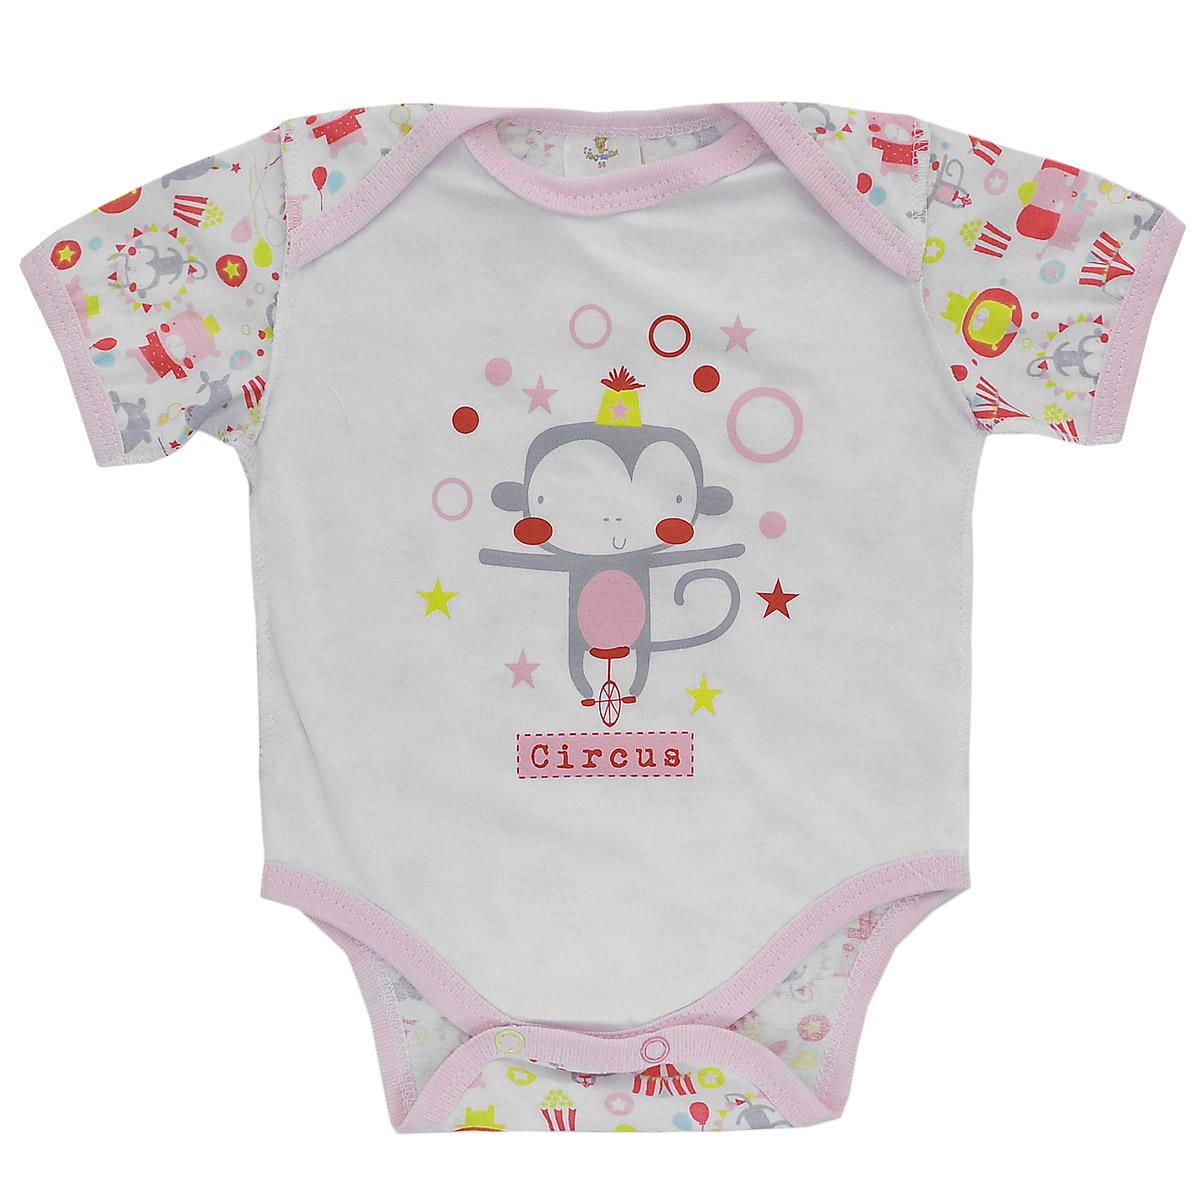 Боди-футболка для девочки. 94429442Детское боди-футболка КотМарКот для девочки с короткими рукавами послужит идеальным дополнением к гардеробу малышки, обеспечивая ей наибольший комфорт. Боди, выполненное швами наружу, изготовлено из натурального хлопка - кулирки, благодаря чему оно необычайно мягкое и легкое, не раздражает нежную кожу ребенка и хорошо вентилируется, а эластичные швы приятны телу малышки и не препятствуют ее движениям. Удобные запахи на плечах и застежки-кнопки на ластовице помогают легко переодеть младенца или сменить подгузник. На груди боди оформлено оригинальным принтом с изображением цирковой обезьянки. Боди полностью соответствует особенностям жизни малютки в ранний период, не стесняя и не ограничивая его в движениях. В нем ваш ребенок всегда будет в центре внимания.